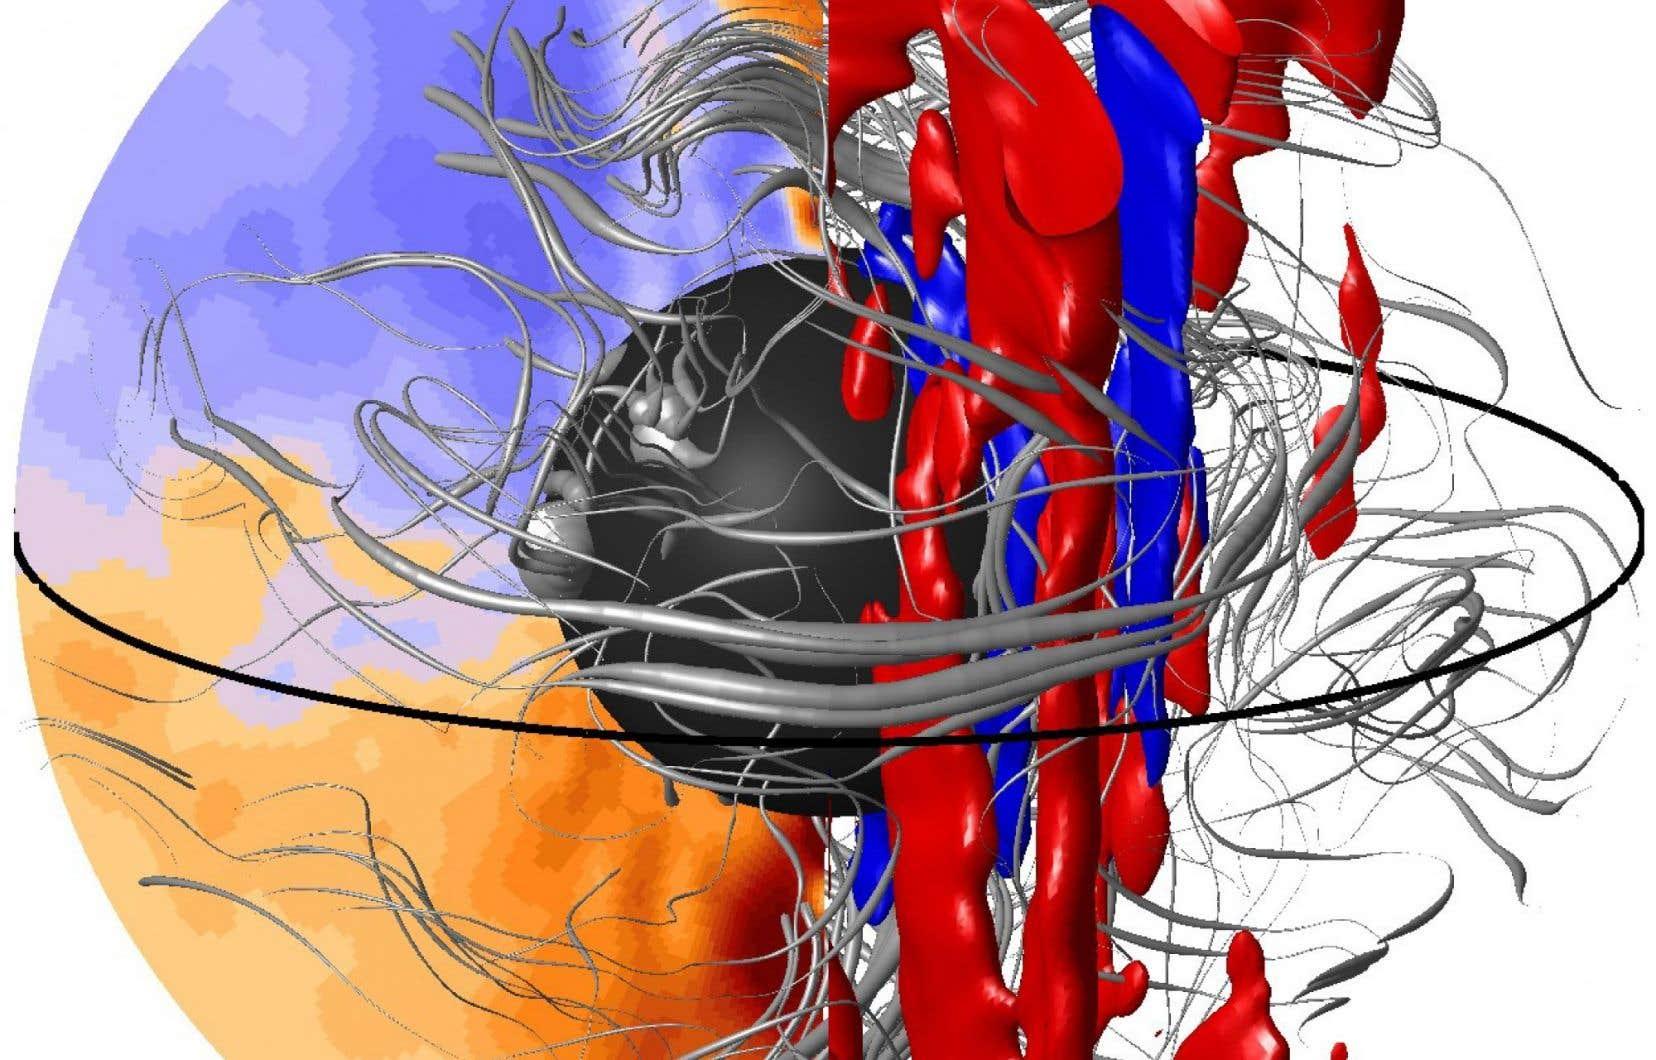 Cette visualisation des mouvements tourbillonnaires à l'intérieur du noyau de la Terre a été estimée à partir d'un modèle informatique de l'effet dynamo, le mécanisme par lequel les mouvements de convection du fer liquide dans le noyau produisent le champ magnétique terrestre.